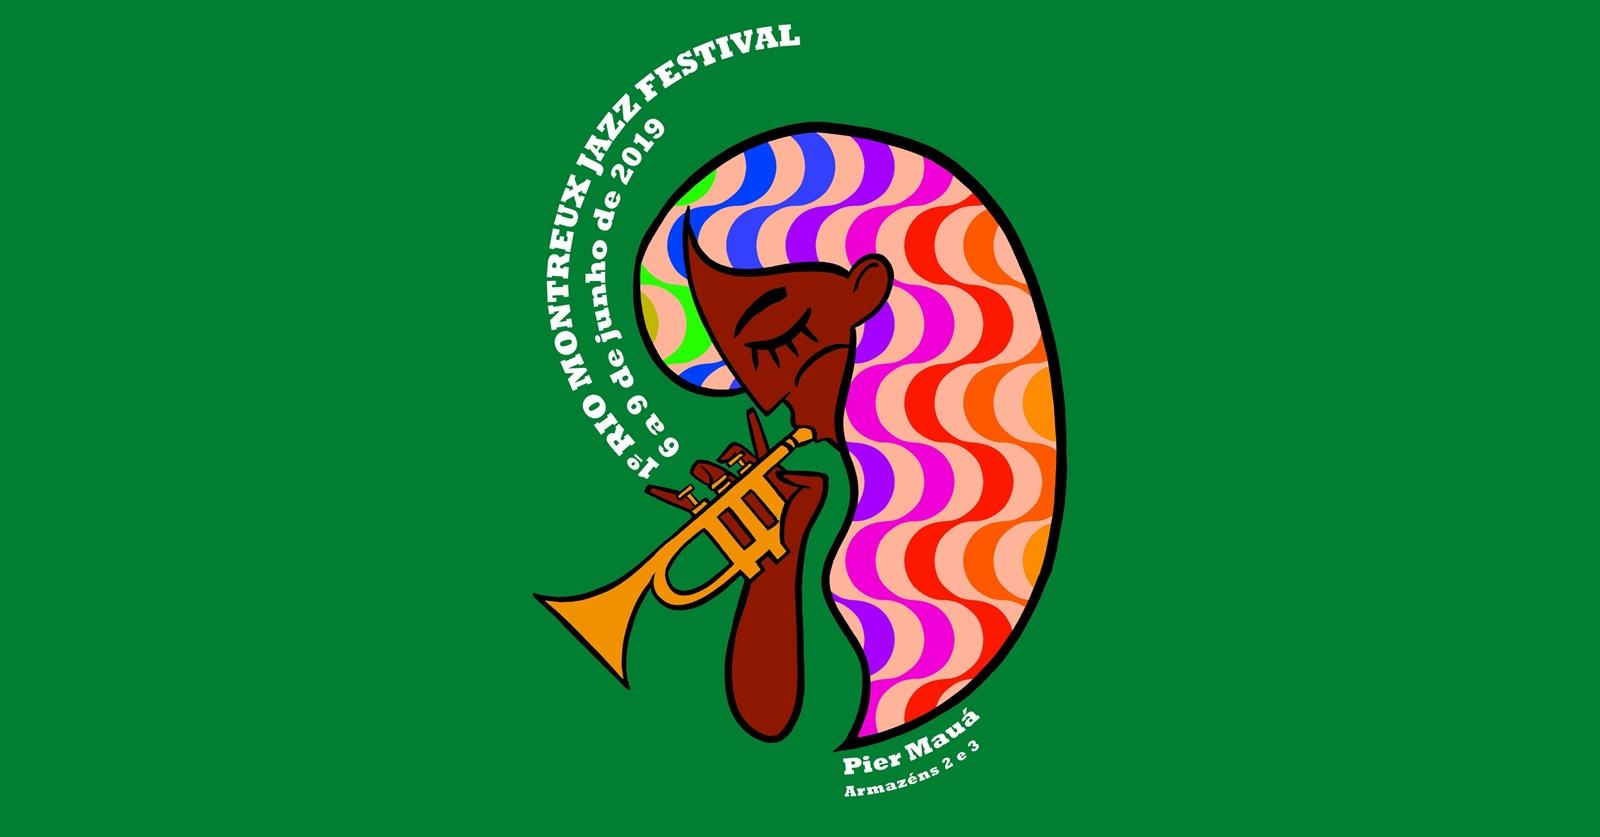 Com ou sem lei de incentivo, Rio Montreux Jazz confirma edição de 2020